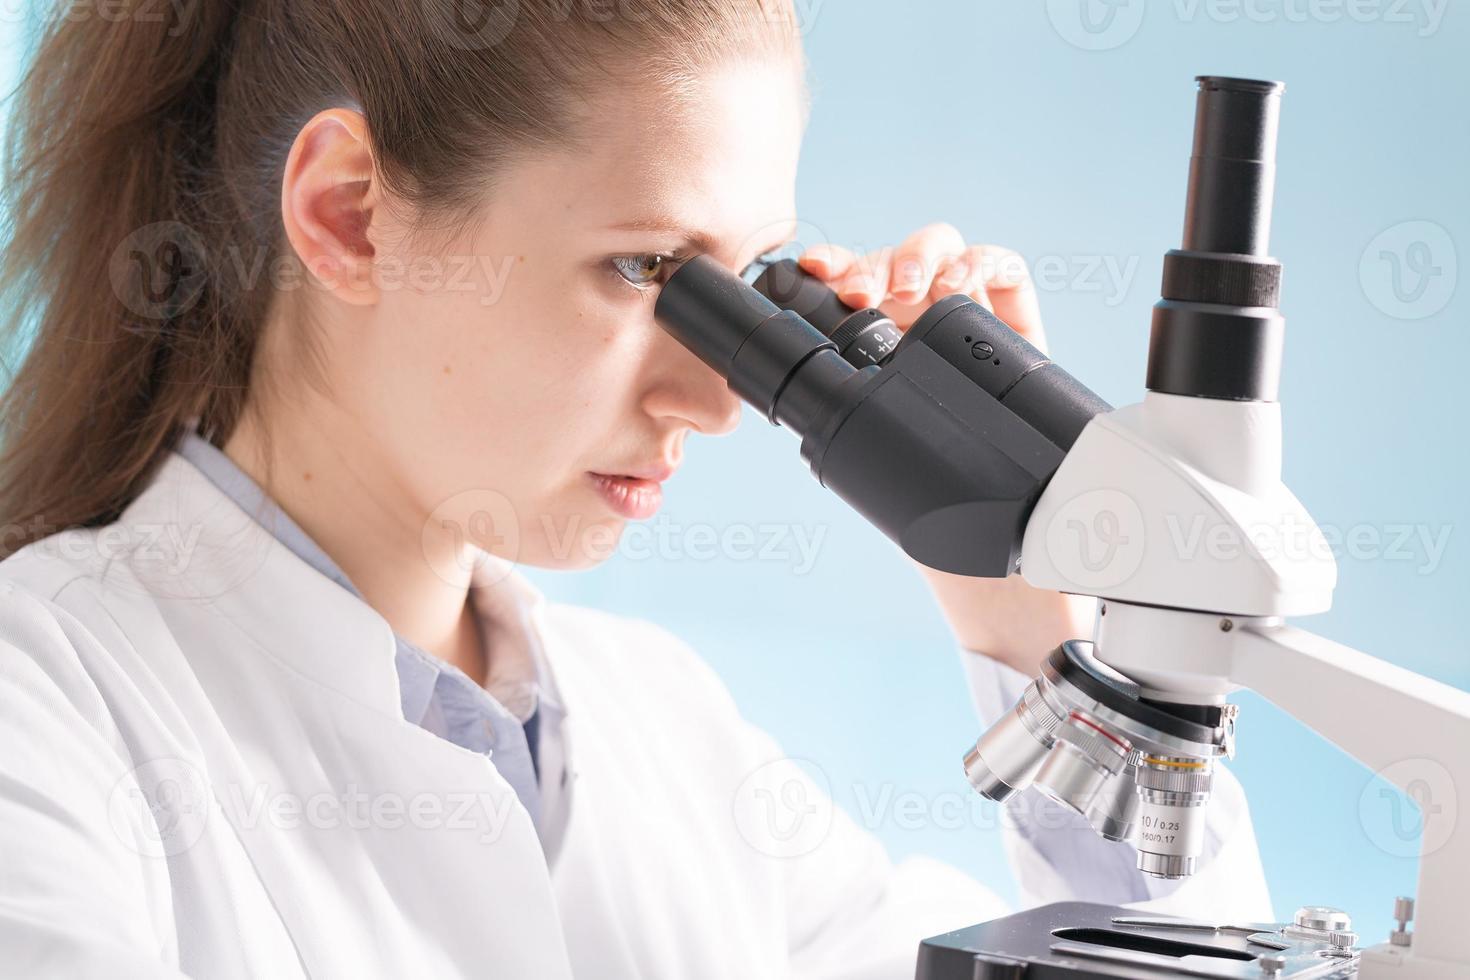 mulher no laboratório microbiológico foto